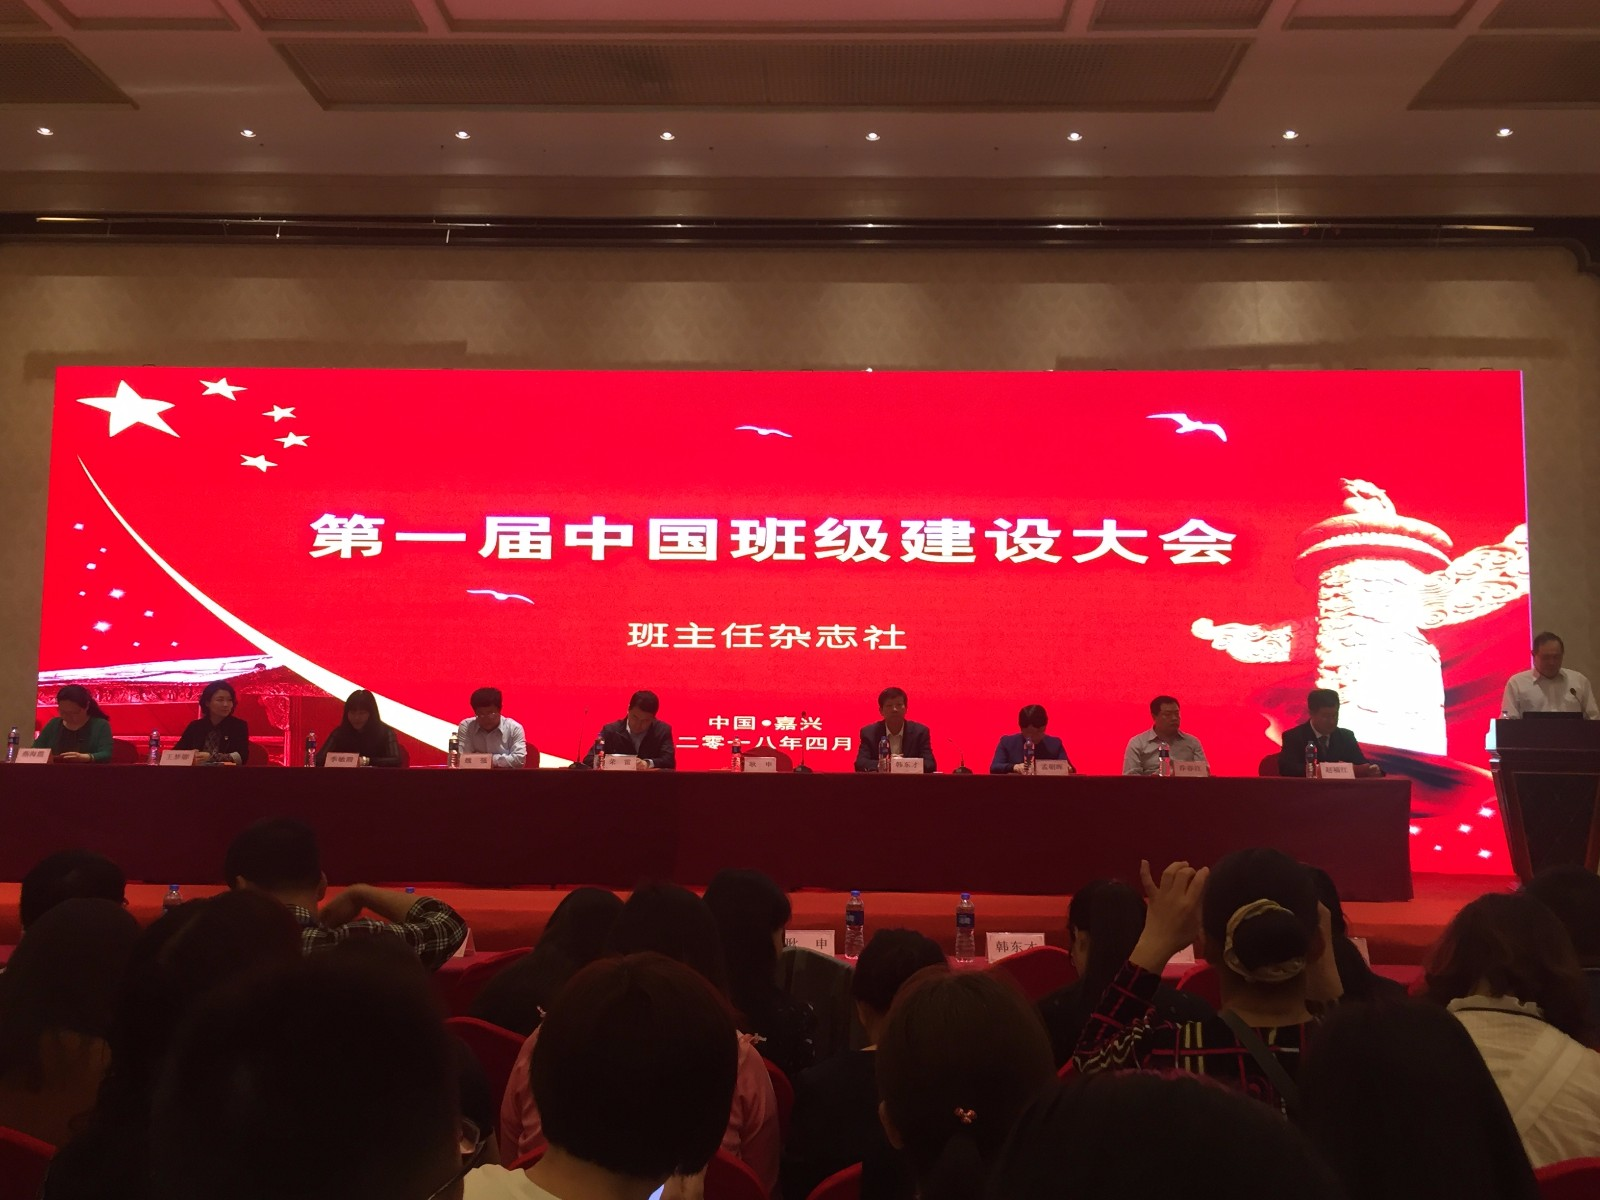 中国首届班级建设大会会场.jpg